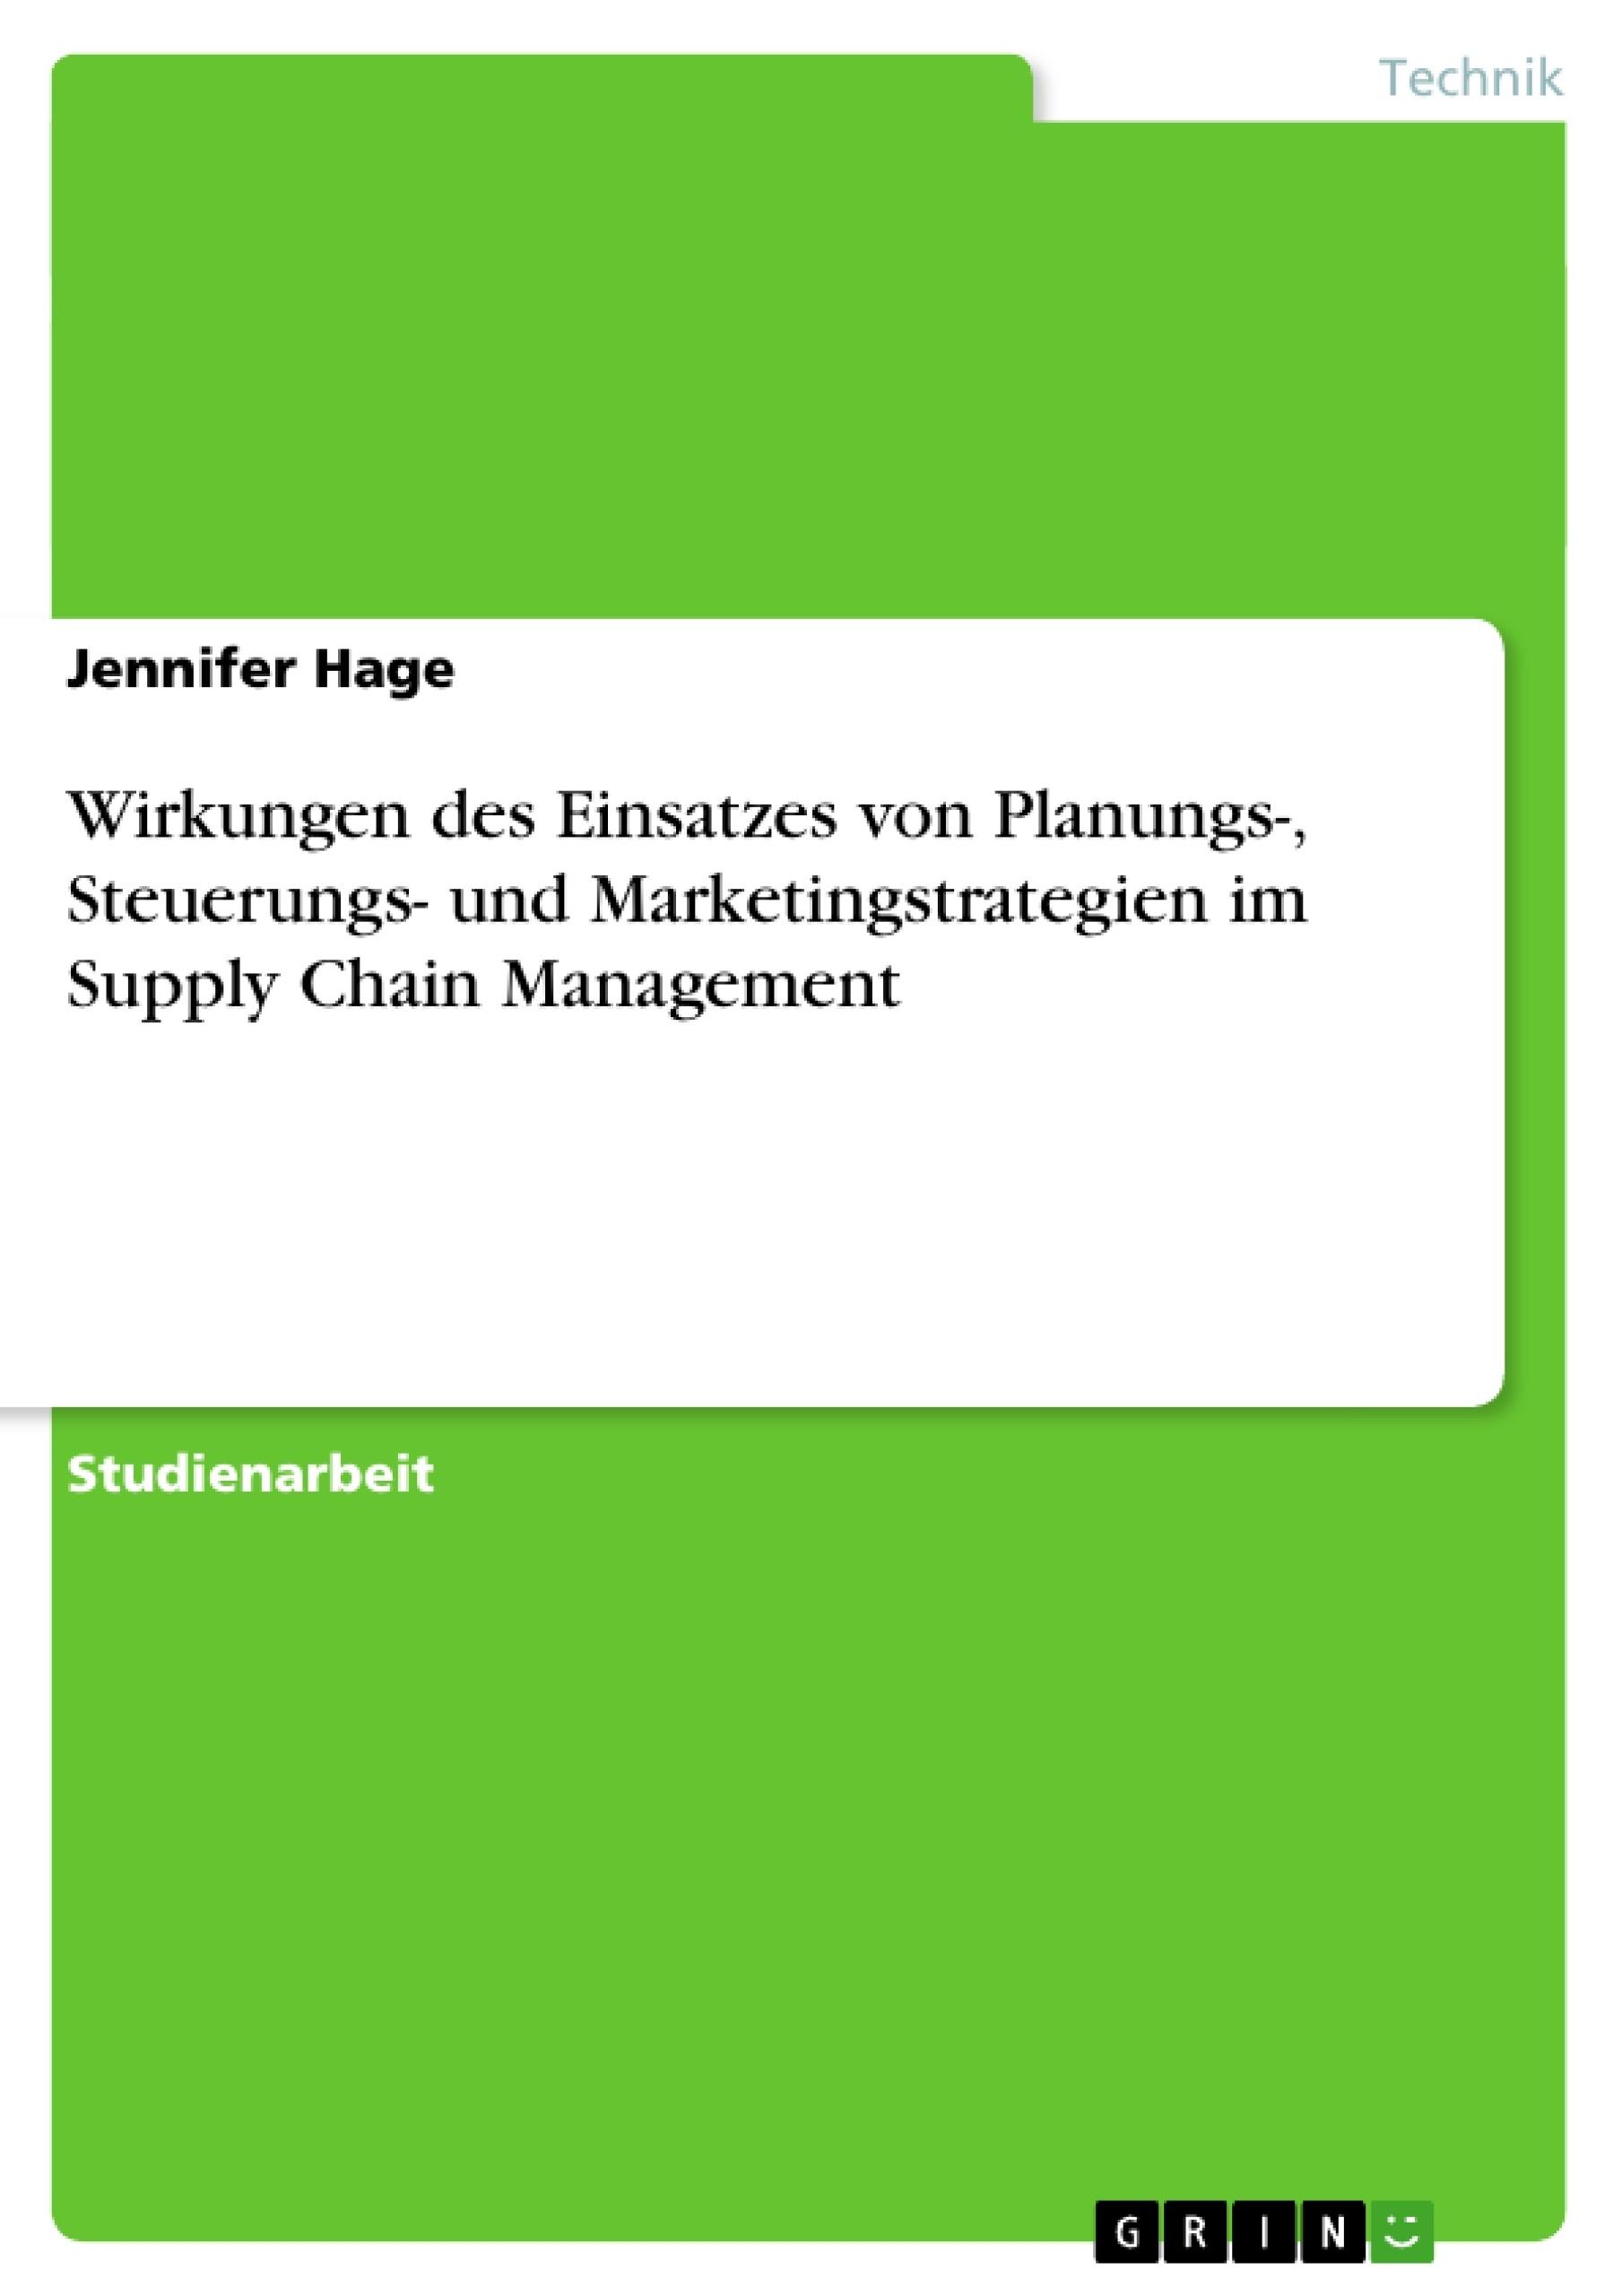 Titel: Wirkungen des Einsatzes von Planungs-, Steuerungs- und Marketingstrategien im Supply Chain Management